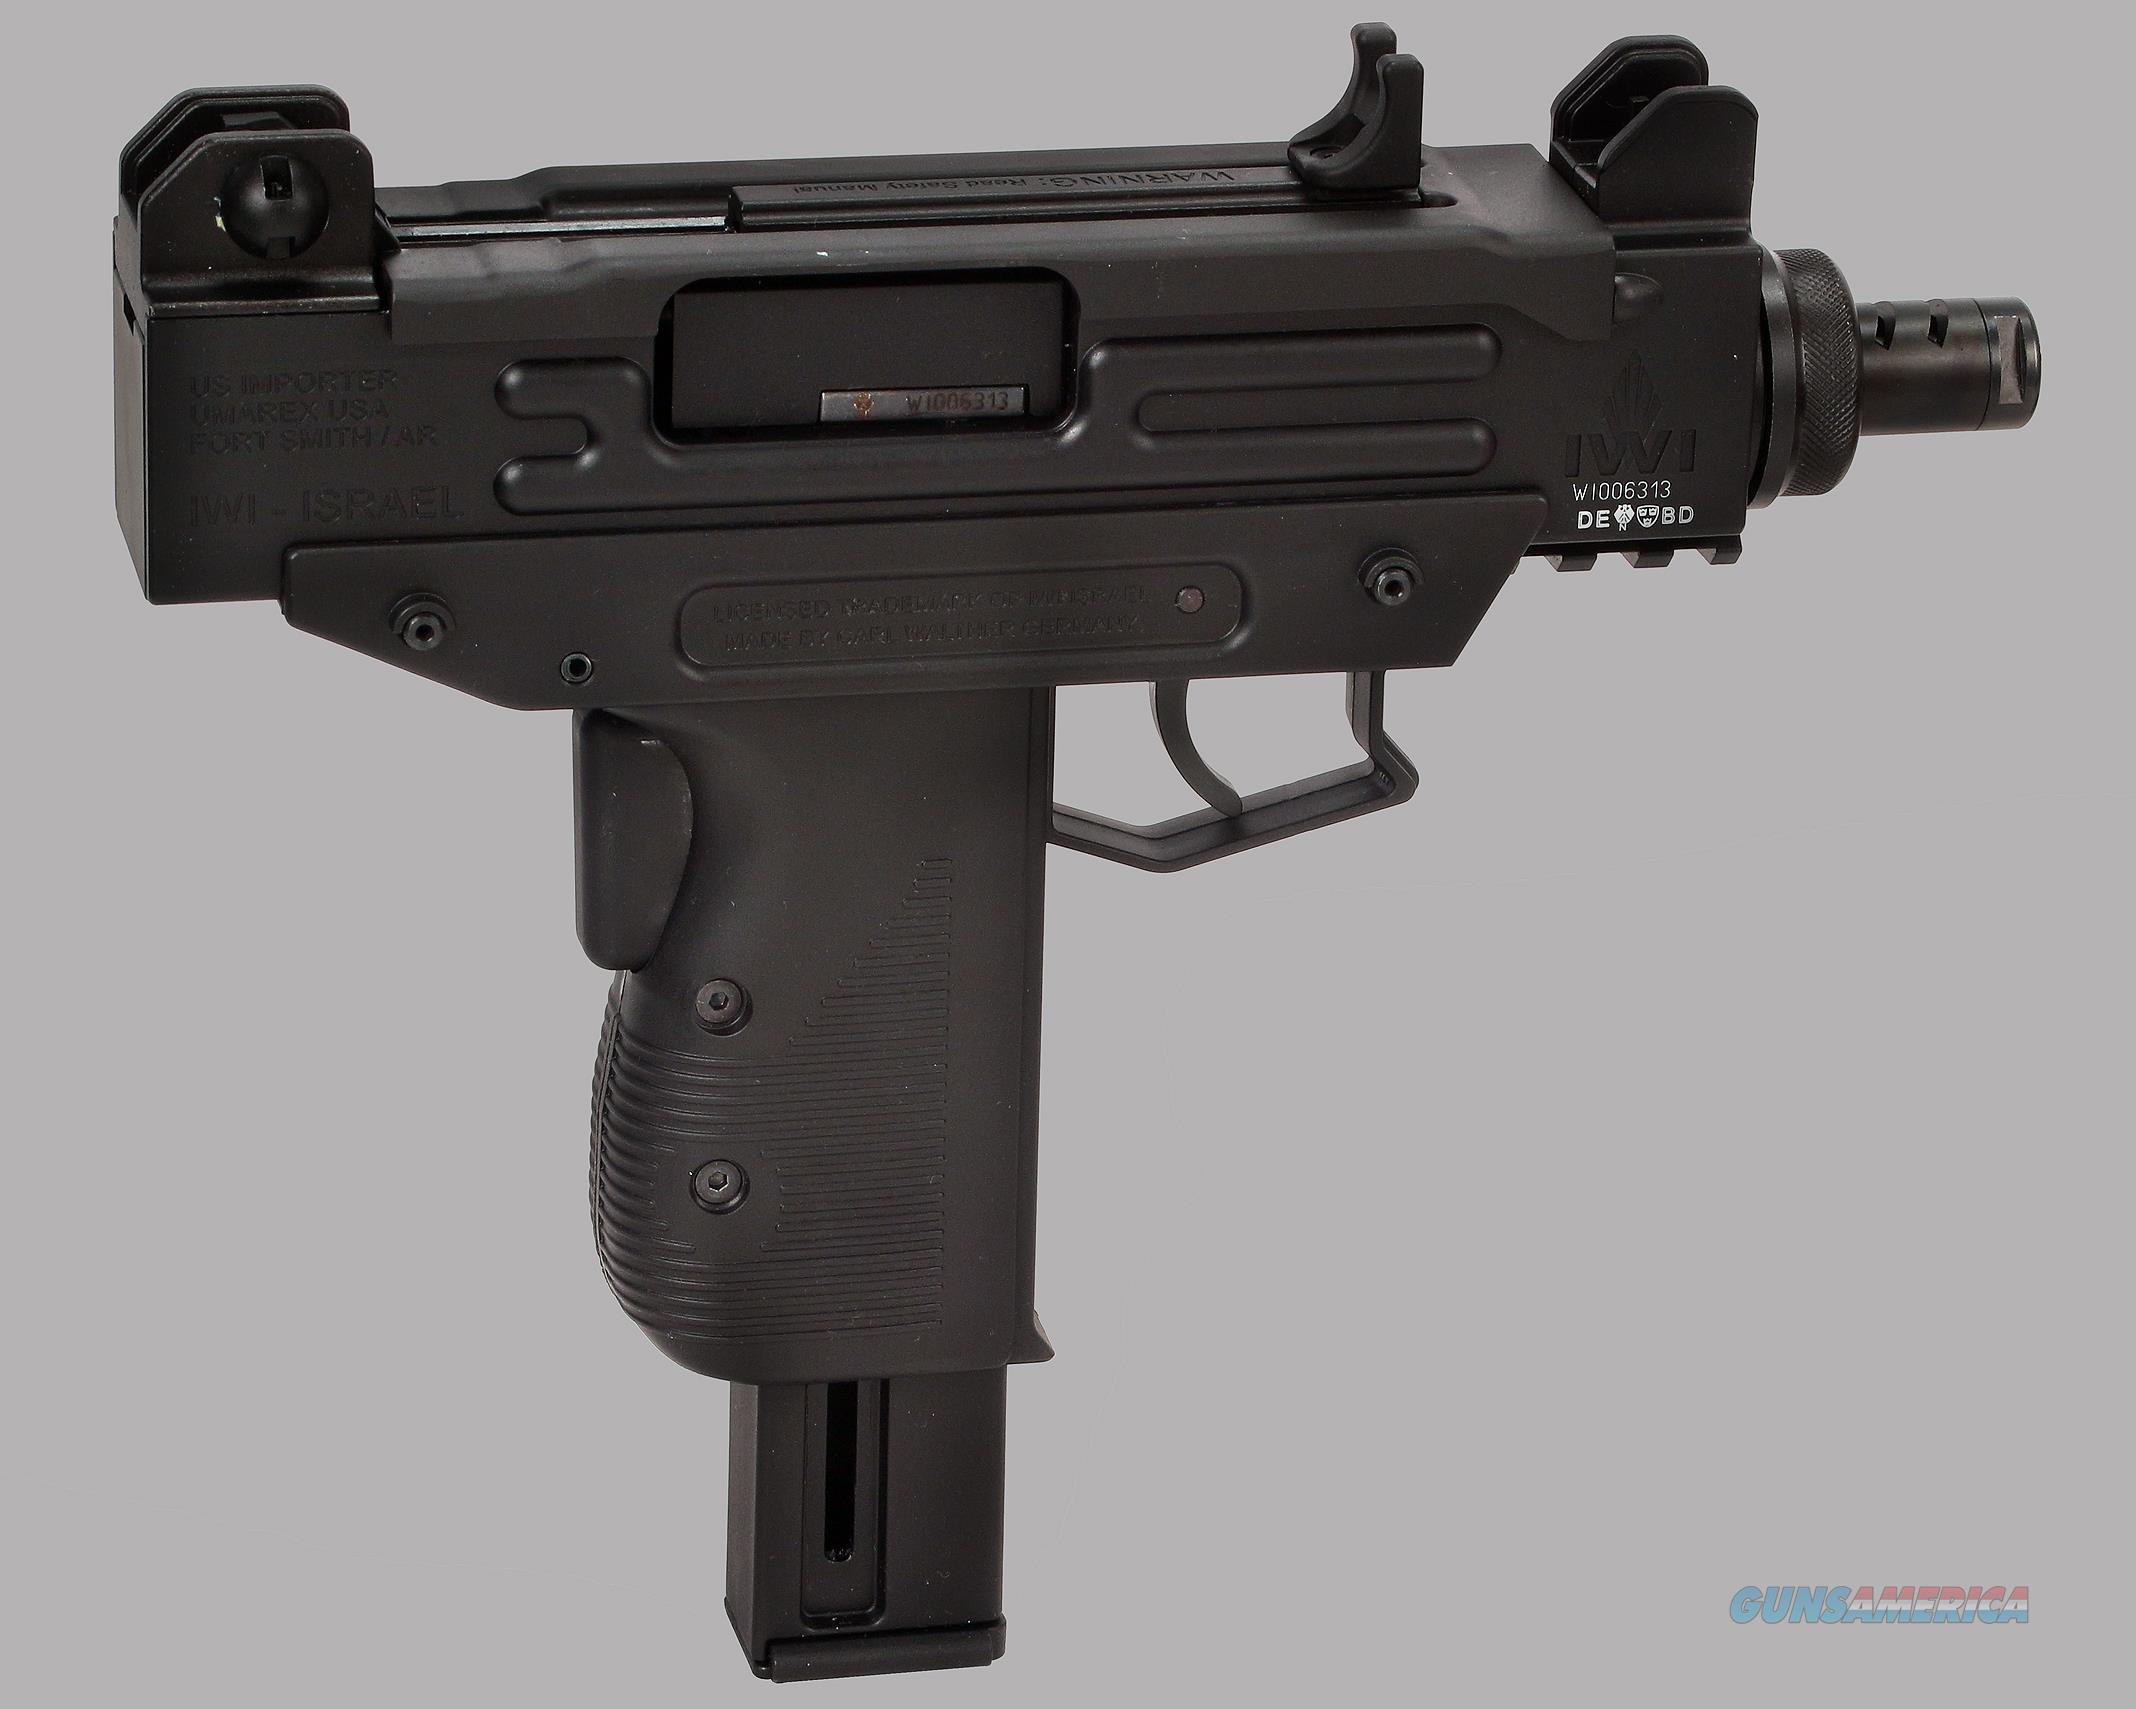 22lr machine gun for sale